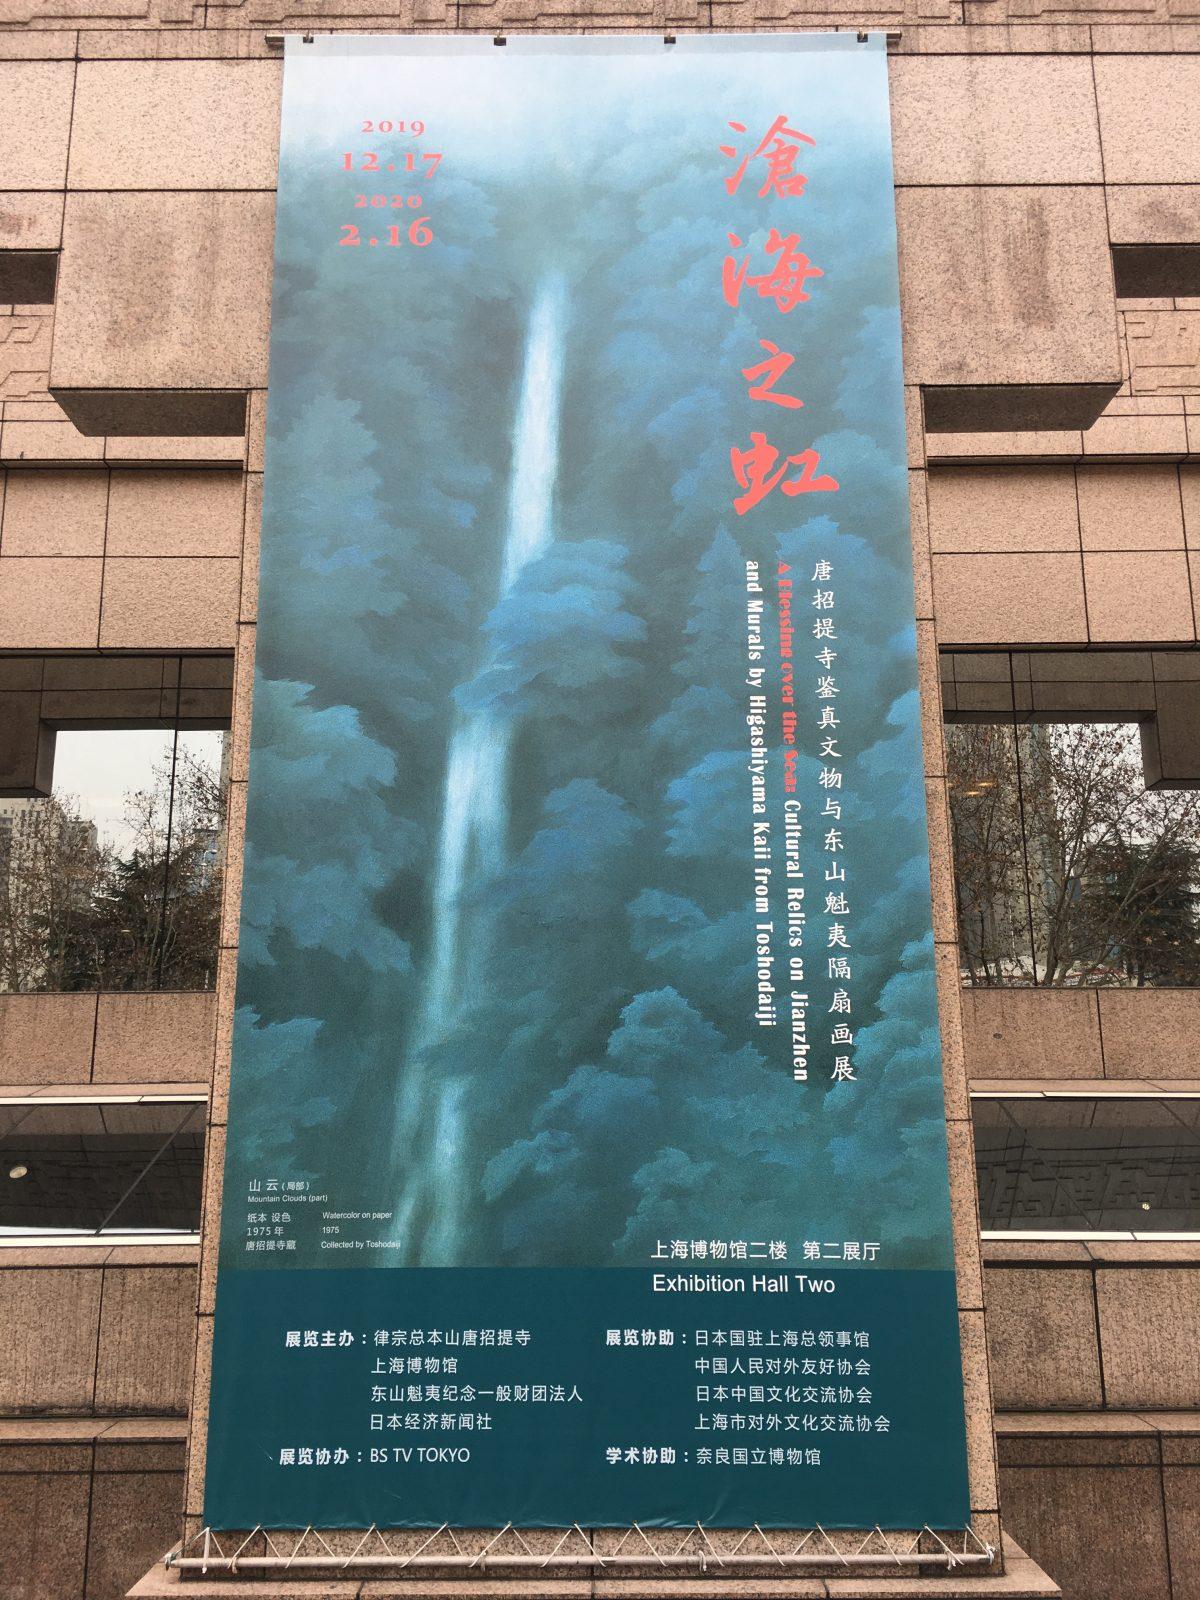 上海博物馆·沧海之虹·日本· 东山魁夷·唐招提寺隔扇画